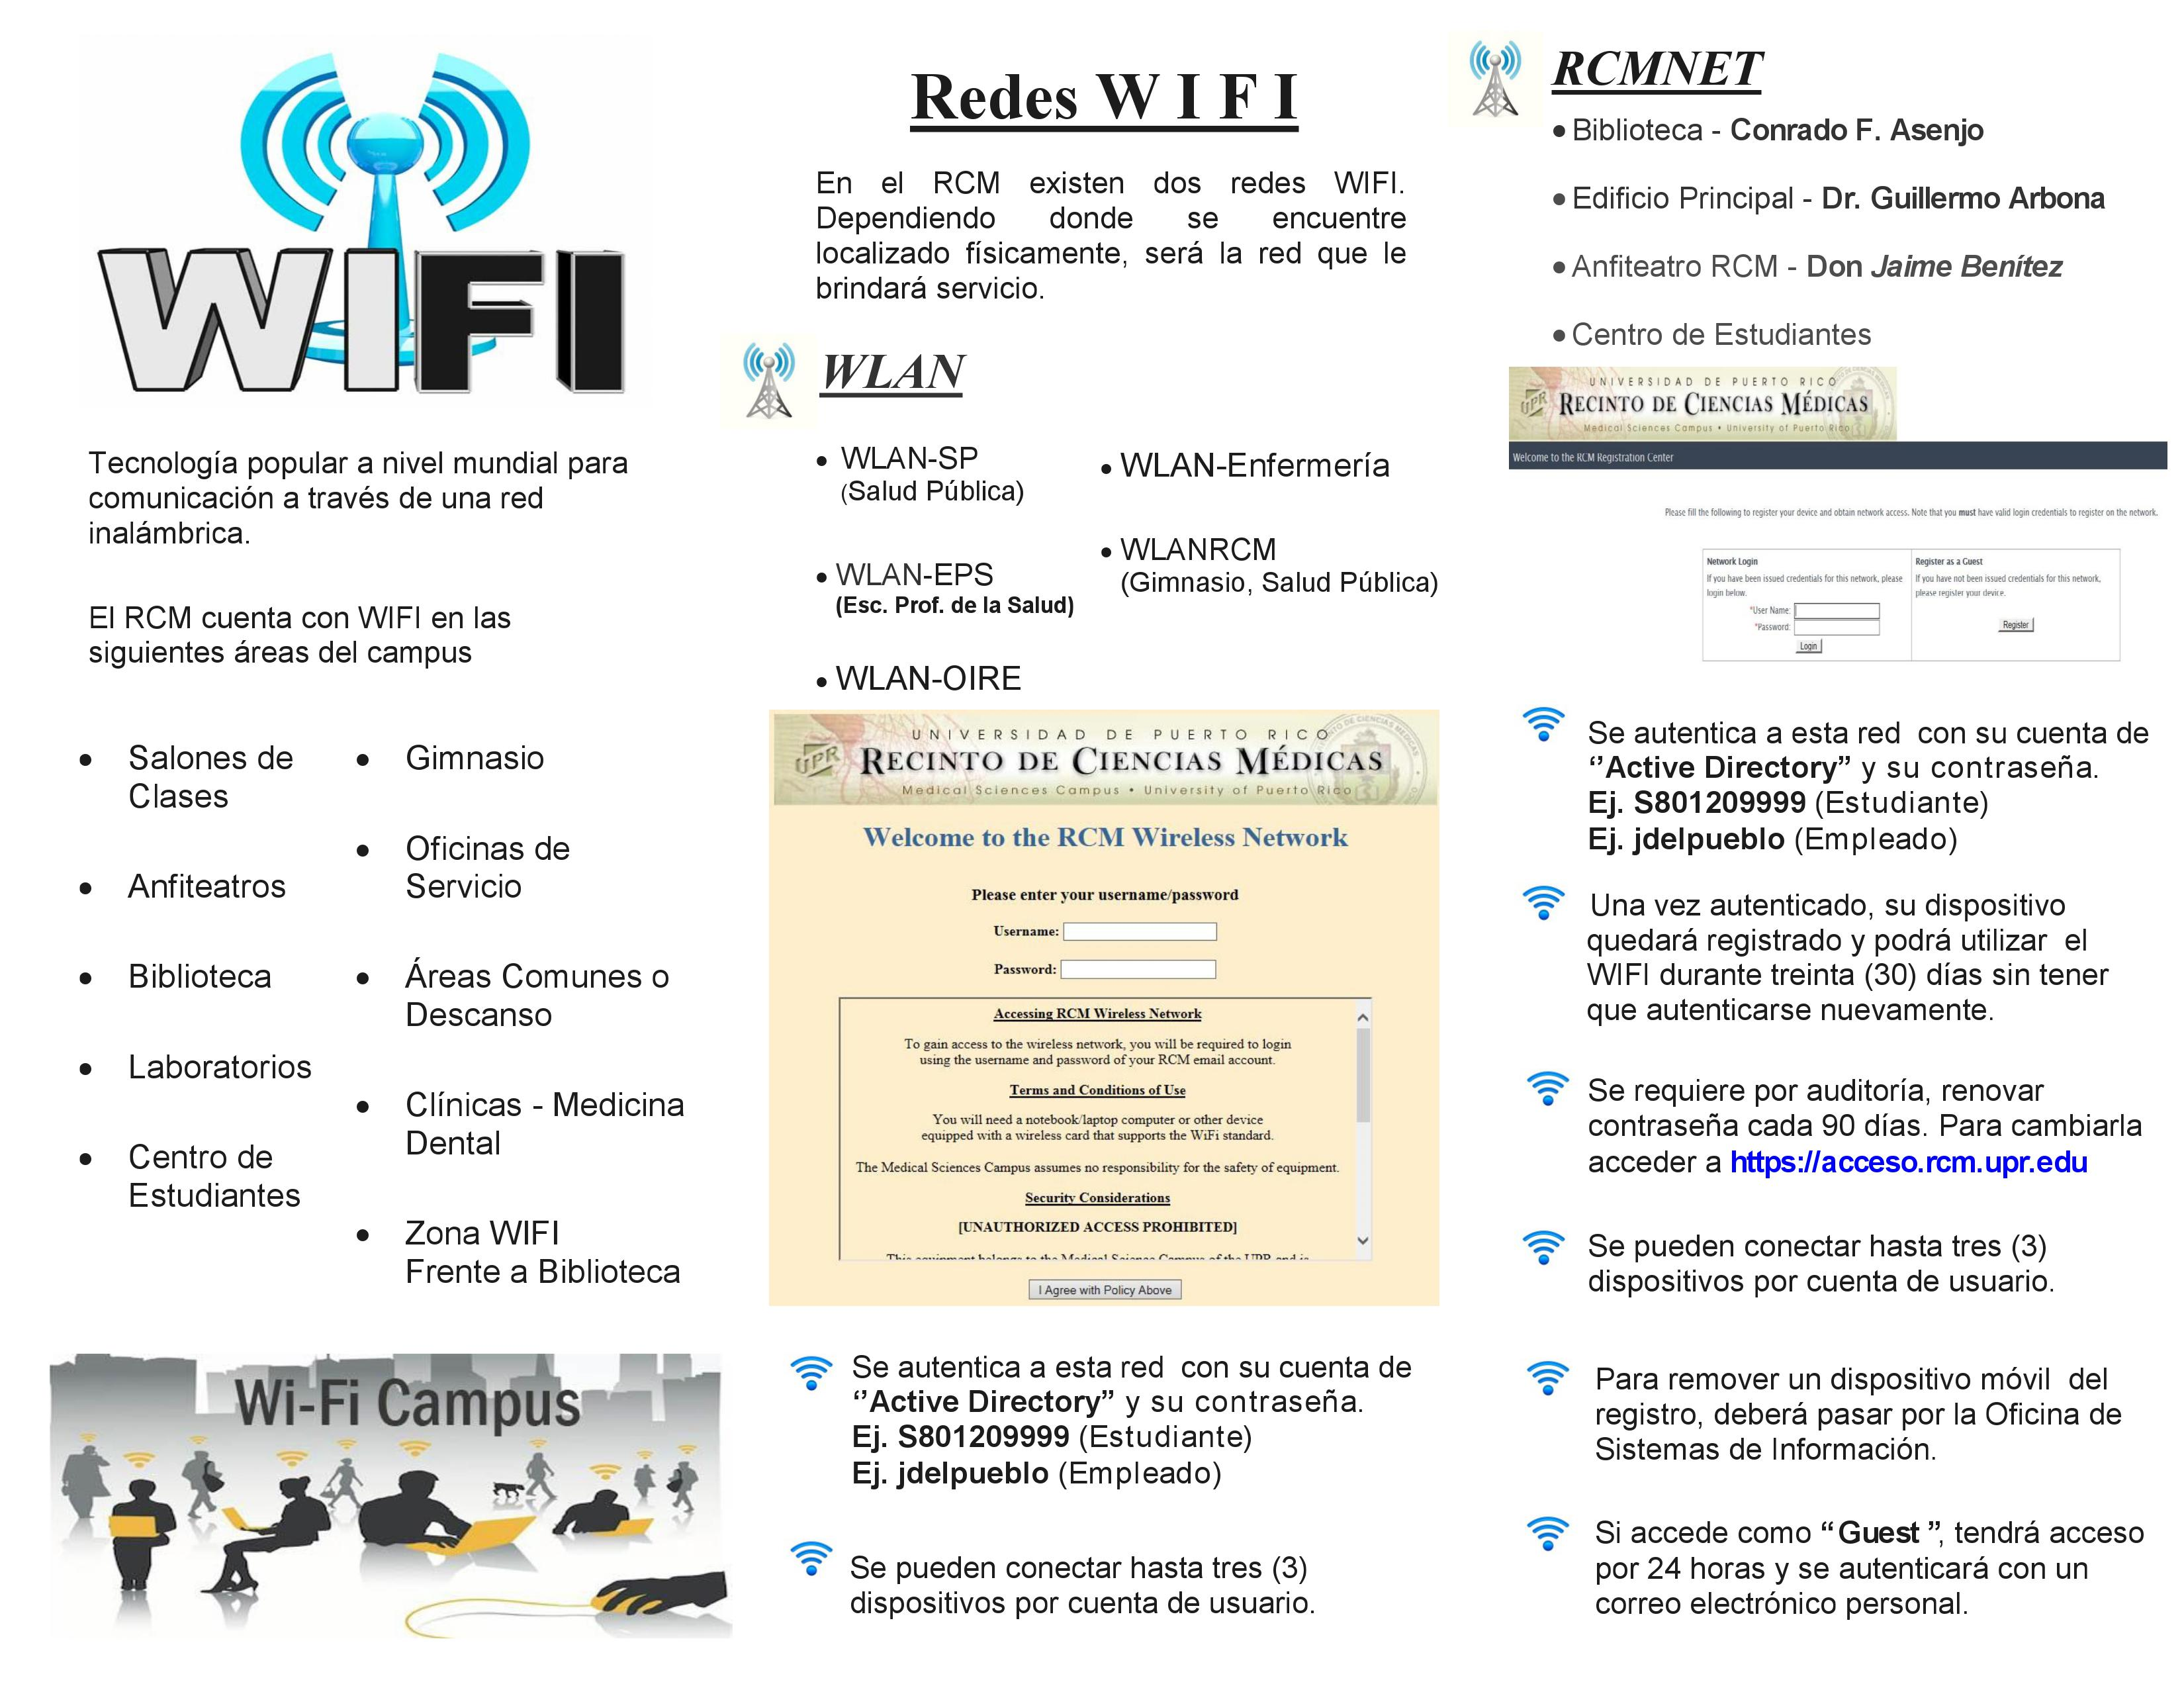 INSTRUCCIONES DE USO DEL WIFI